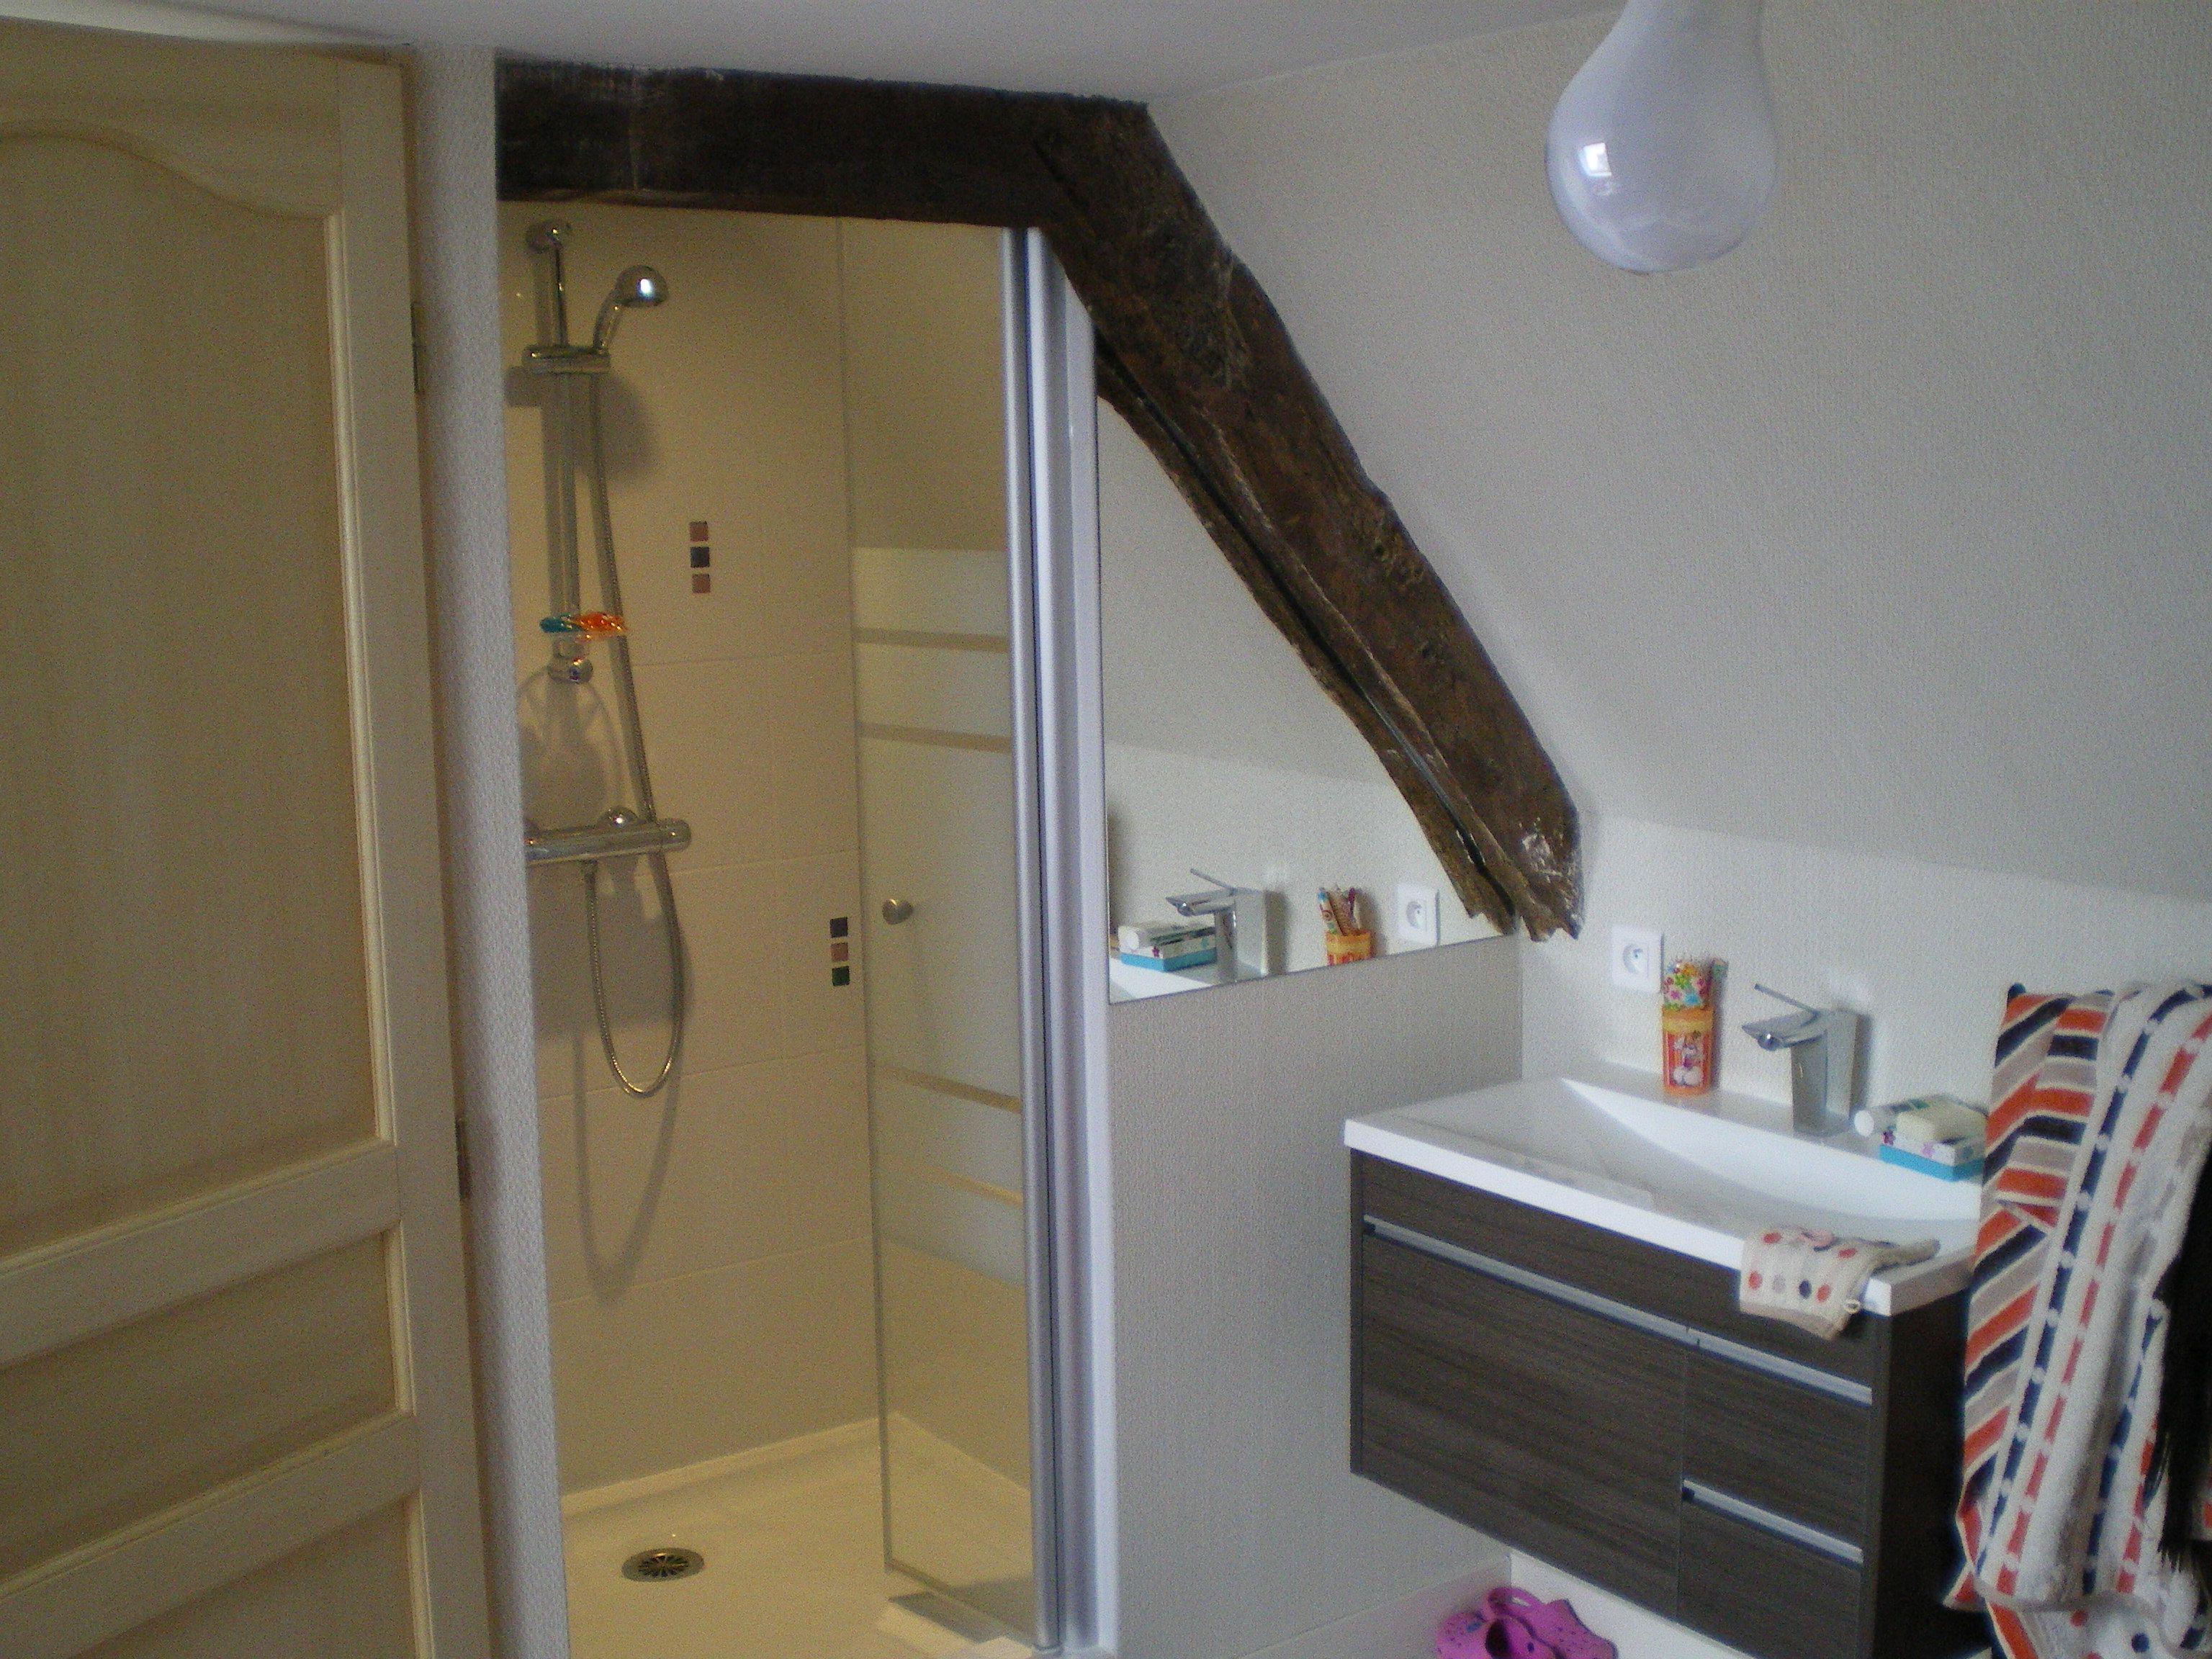 petite salle de bain combles travaux damenagement des combles france combles le mans devis. Black Bedroom Furniture Sets. Home Design Ideas